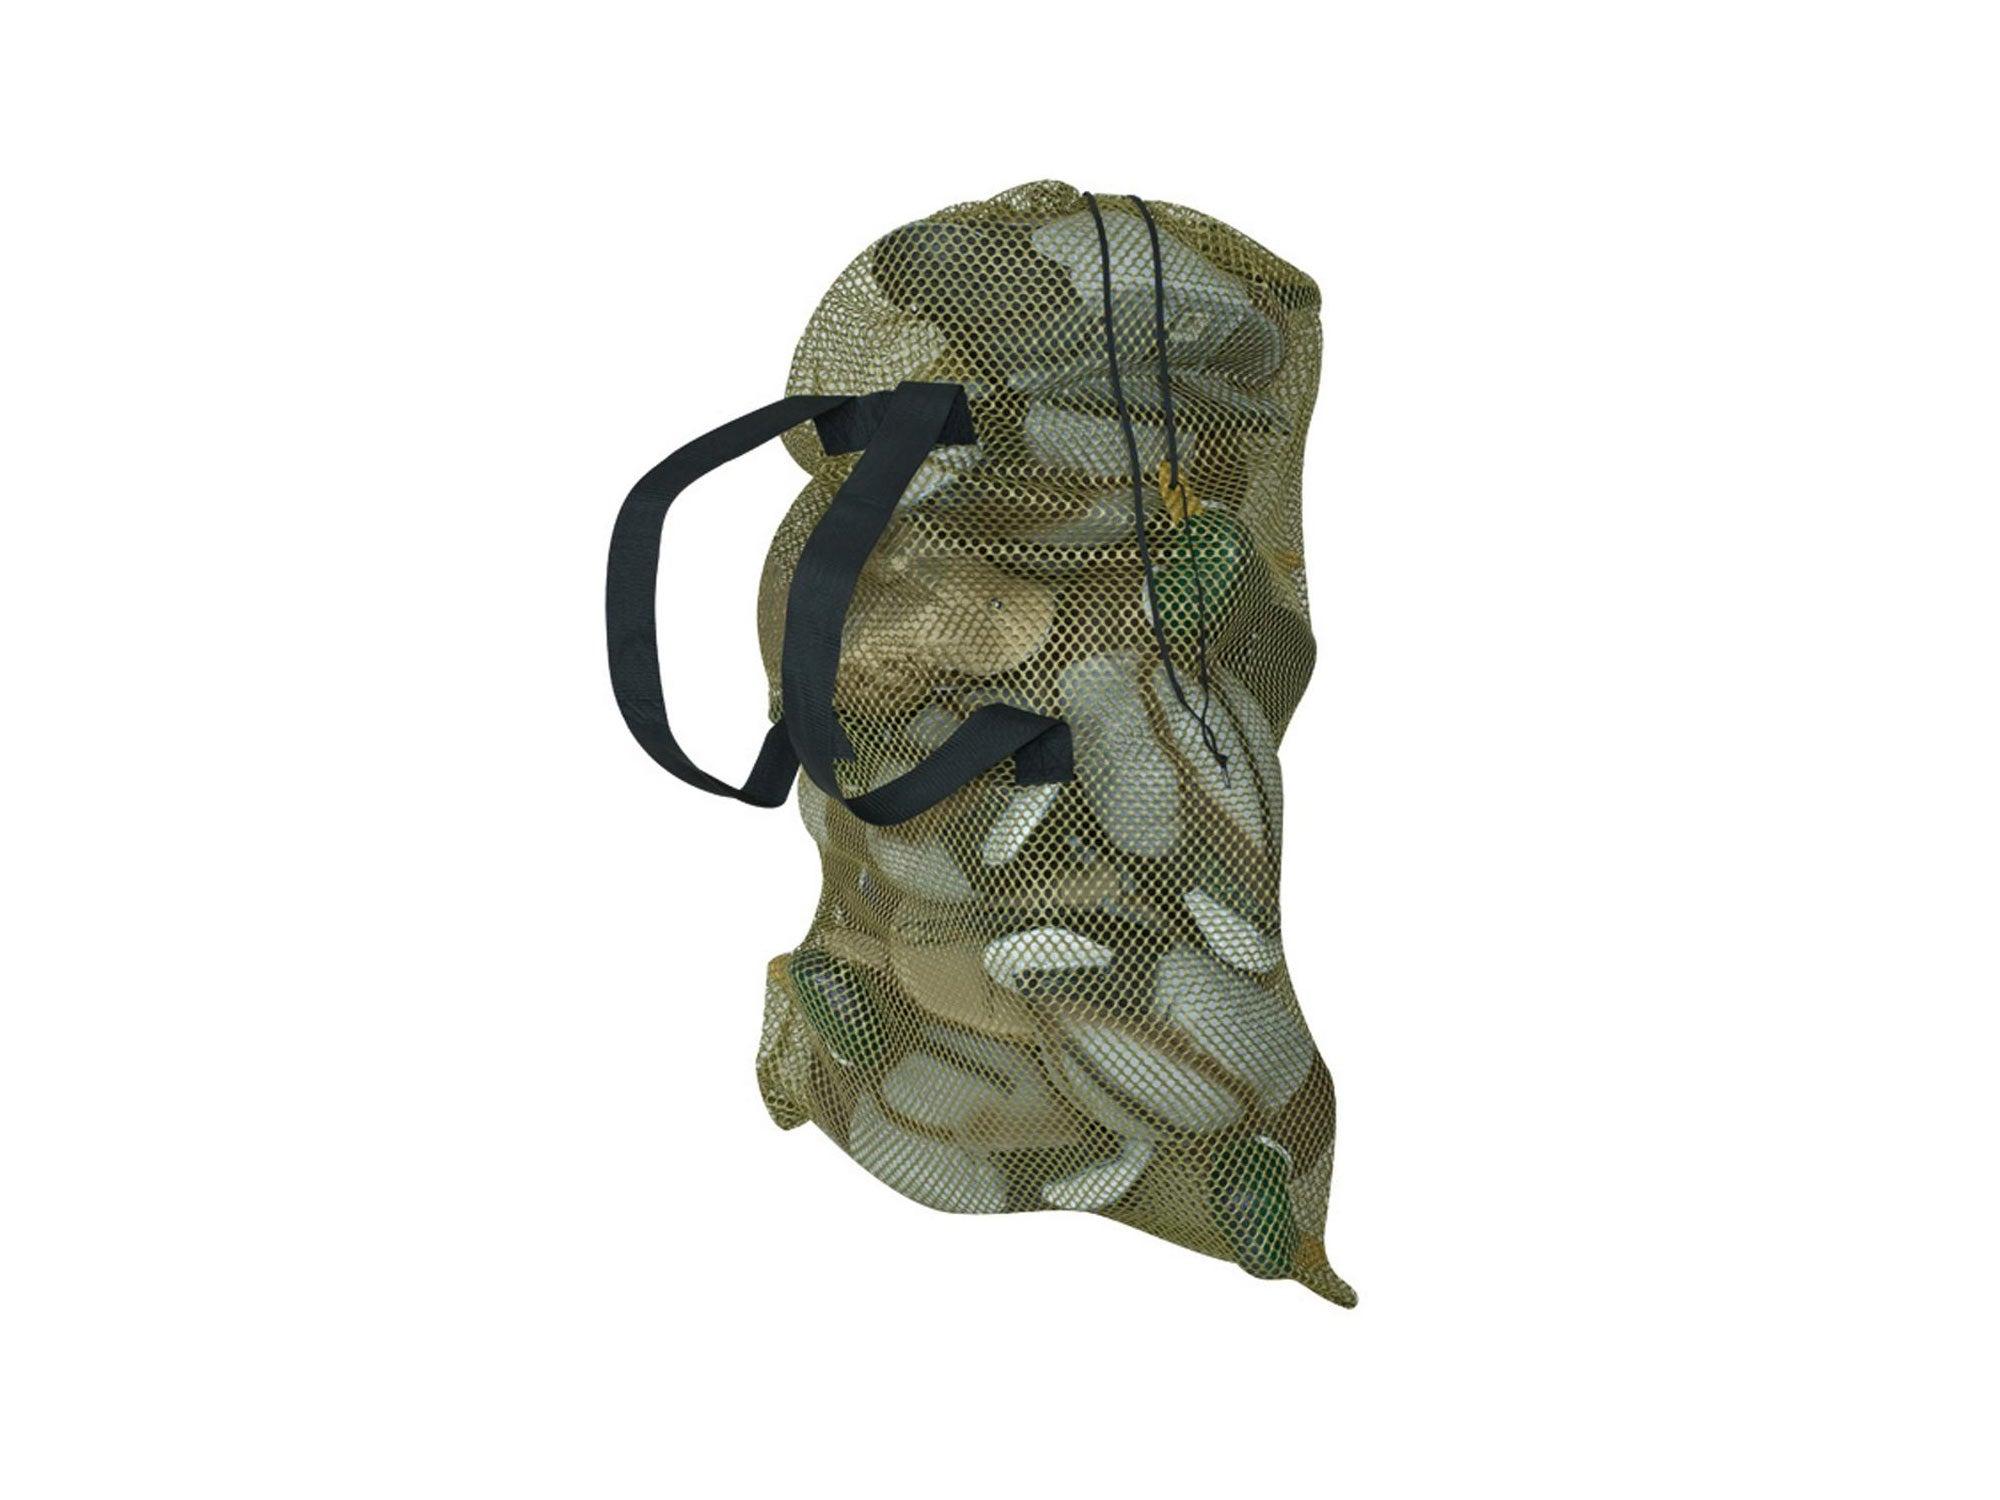 Duck decoy mesh bag